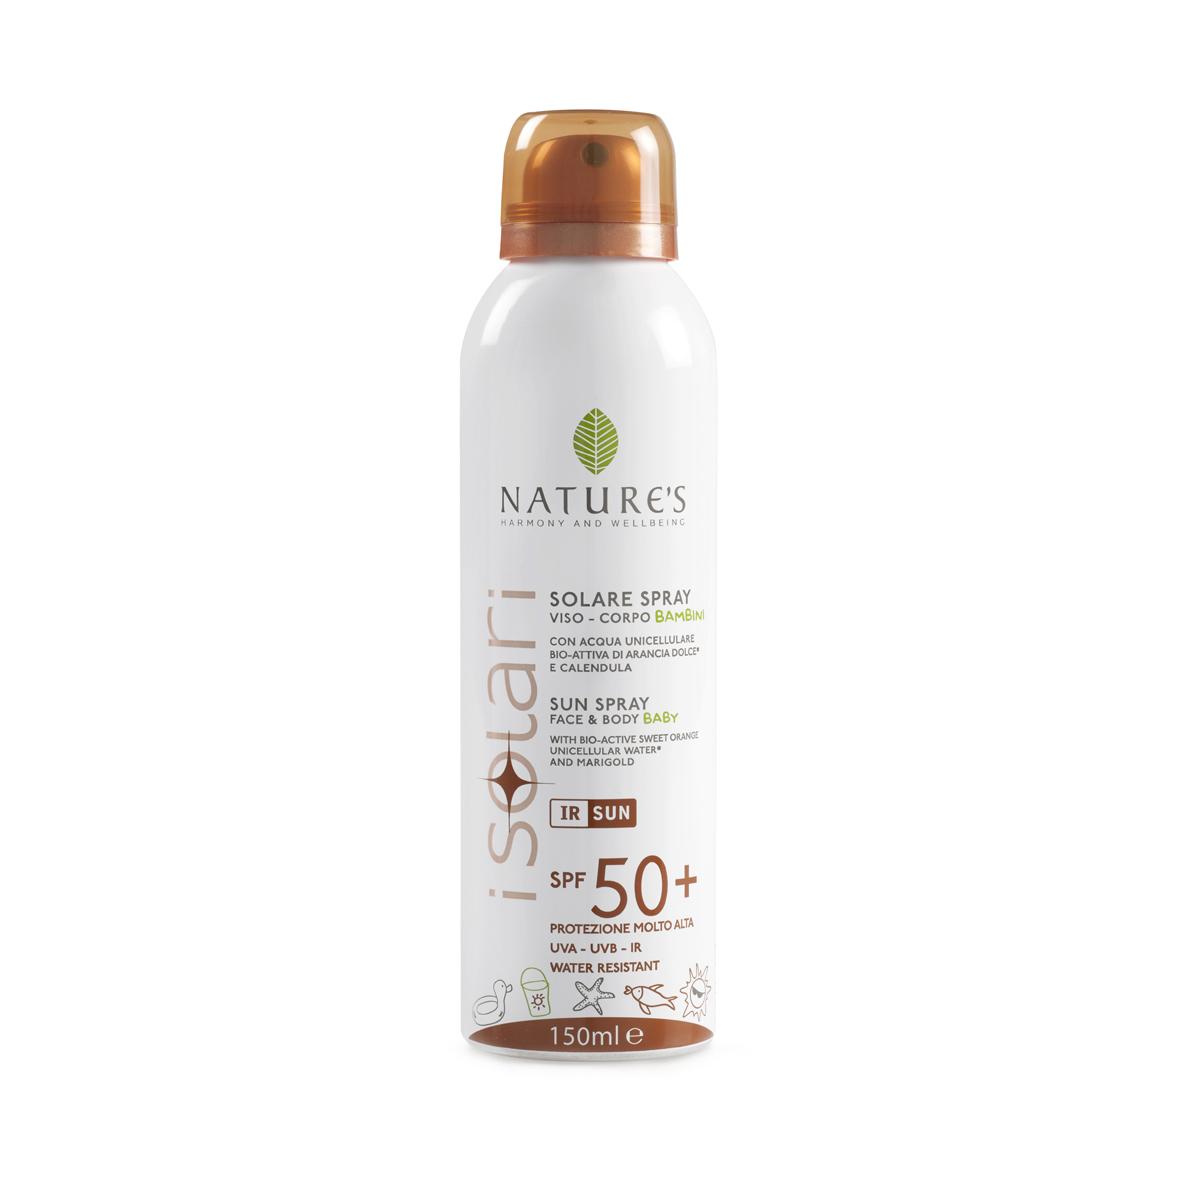 Natures Sun Солнцезащитный спрей для детей SPF 50+, 150 млMG220Специальное средство для нежной чувствительной кожи ребенка с высокой степенью защиты от солнечного воздействия. Предотвращает ожоги, покраснения, шелушения, потерю влаги и другие повреждения кожи, сохраняя естественный гидролипидный баланс.Спрей с био-активными компонентами: экстрактами сладкого апельсина и календулы, уницилярной водой, рисовым молочком, комплексом защиты от инфракрасного излучения оказывает интенсивное смягчающее действие, способствуя постепенной адаптации кожи ребенка к солнечному свету.Растительный меланин обеспечивает ровный загар. НЕ СОДЕРЖИТ СПИРТ. Водостойкий. Прошел дерматологические тесты и тесты на содержание никеля.